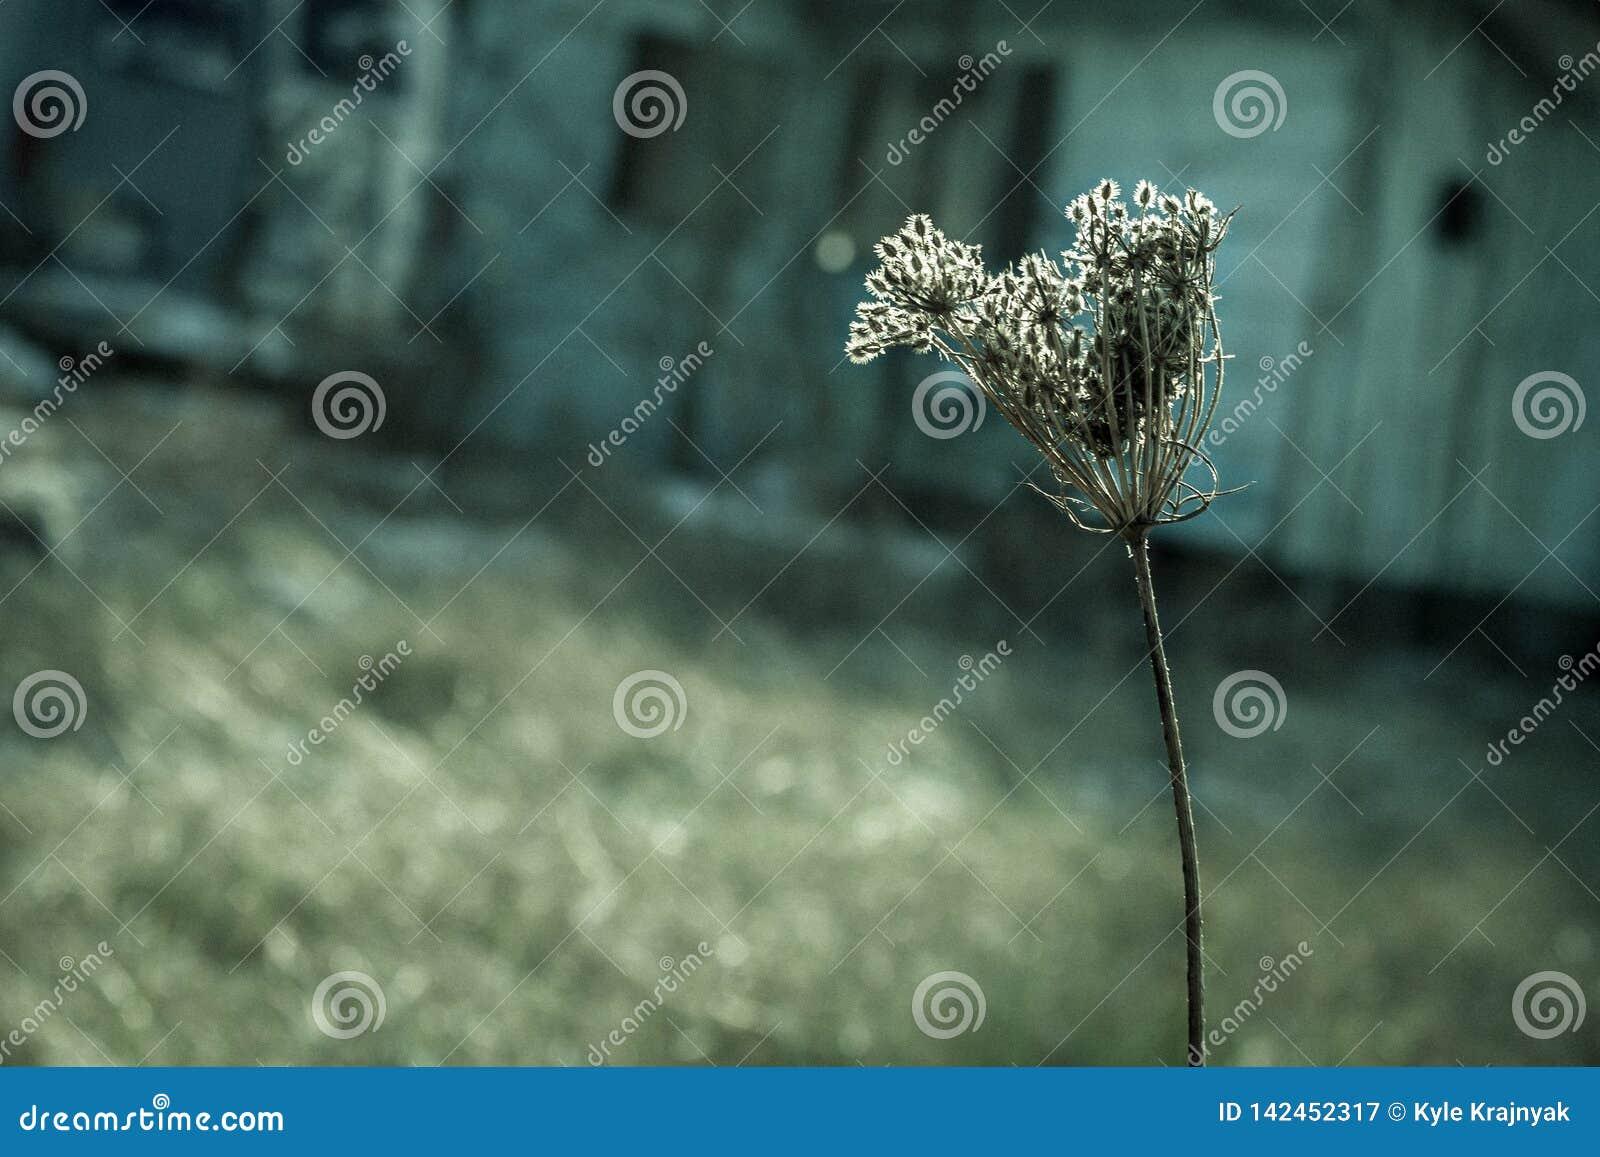 Droog bloemhoofd van een wilde wortel